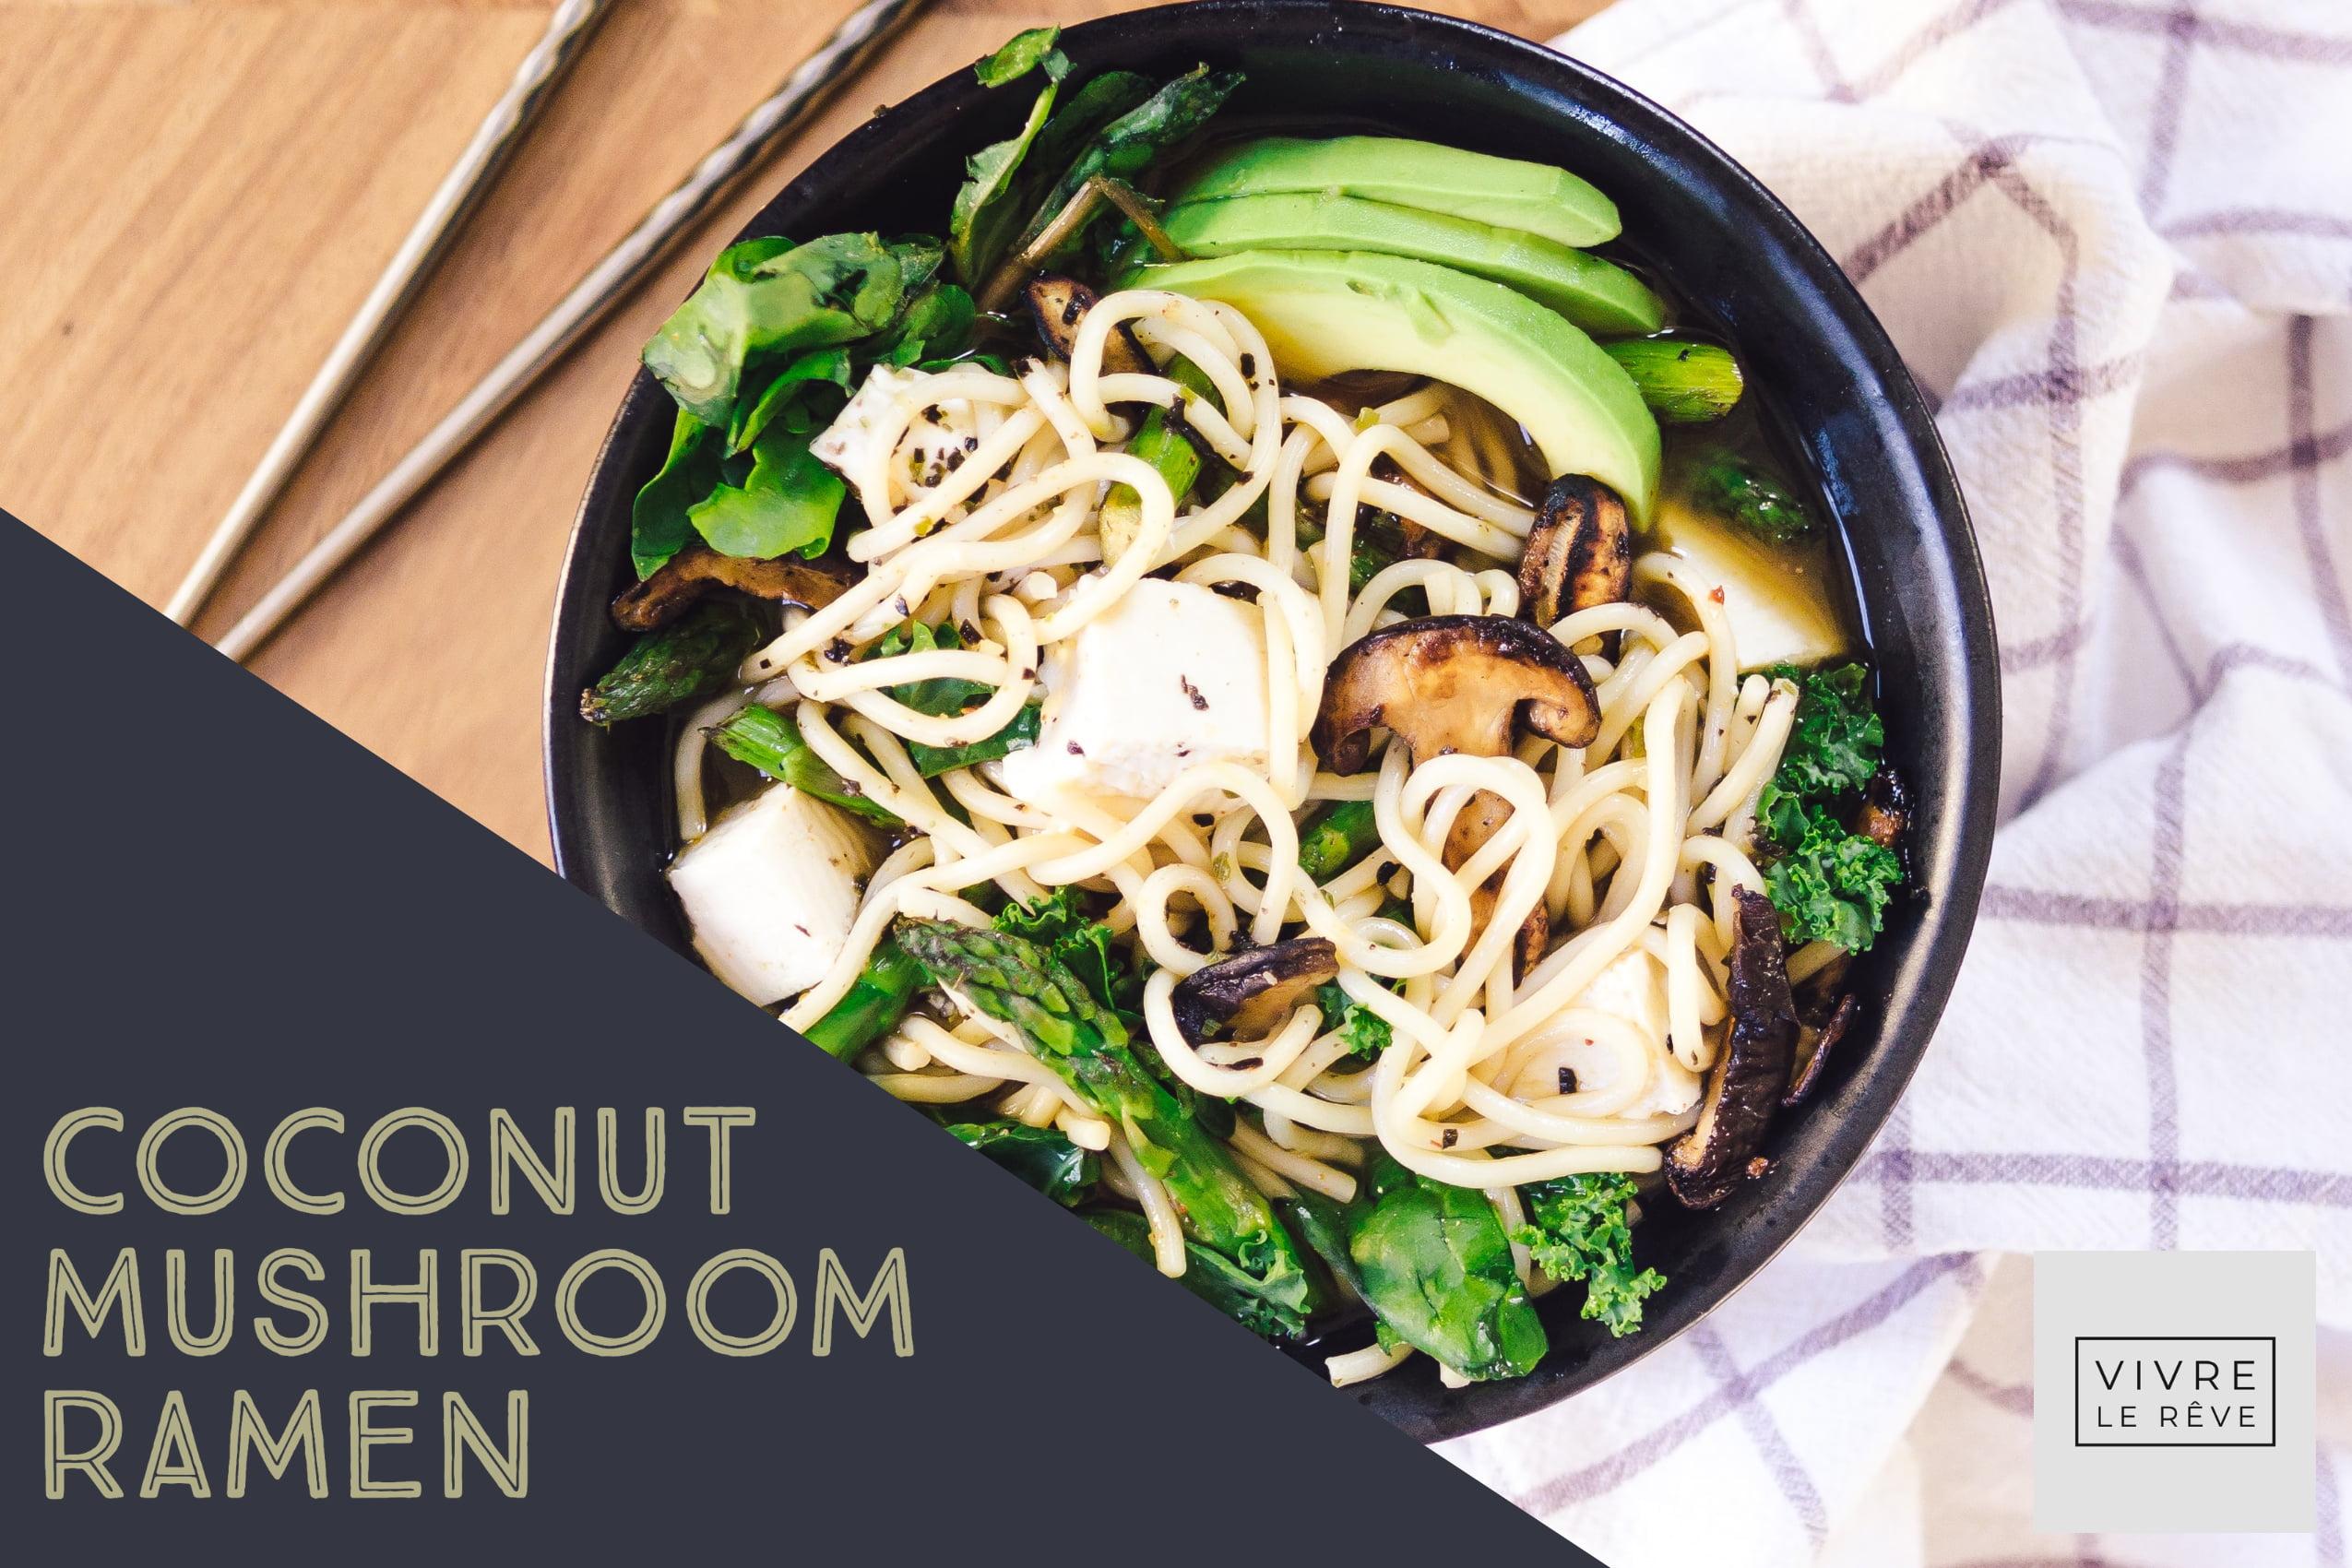 Coconut Mushroom Ramen